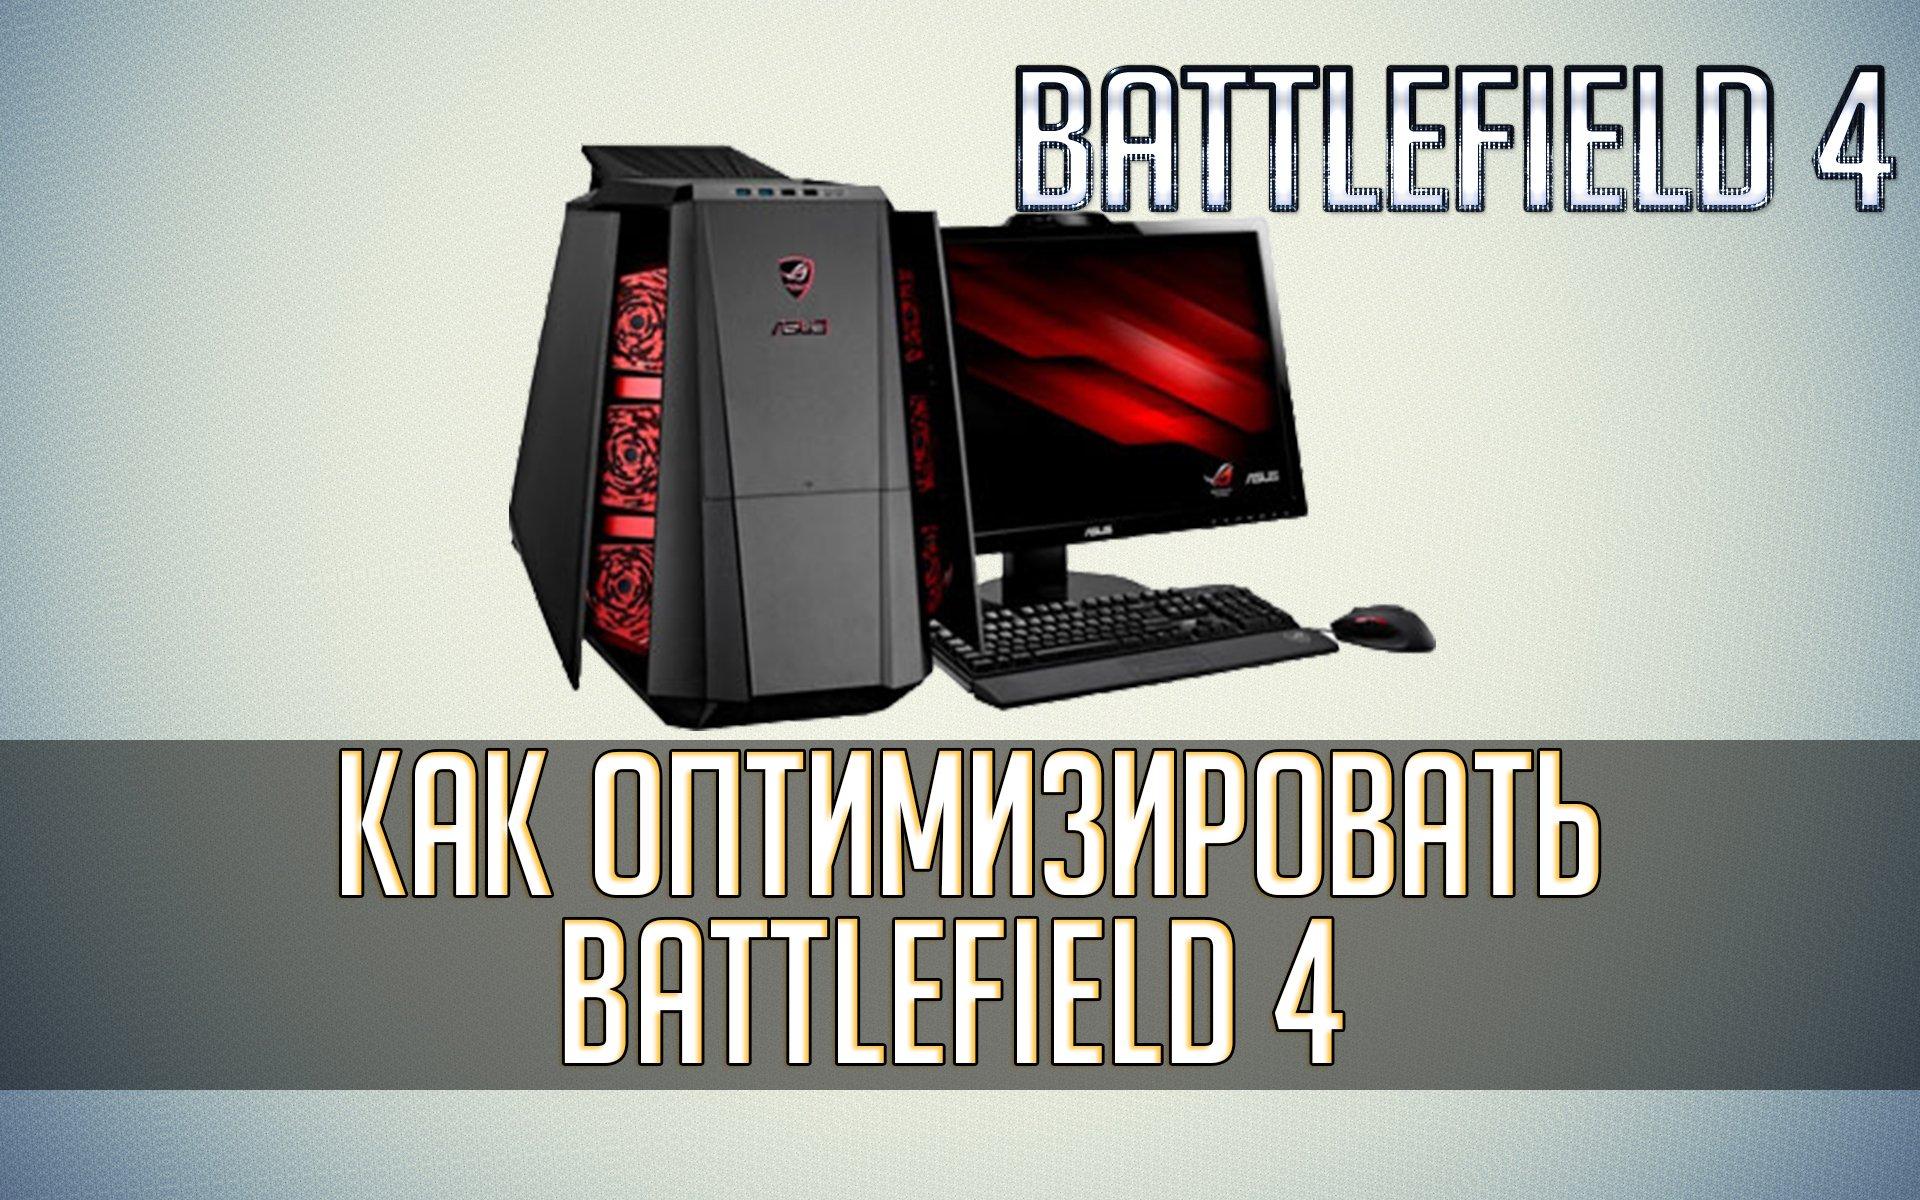 Как оптимизировать Battlefield 4 . - Изображение 1